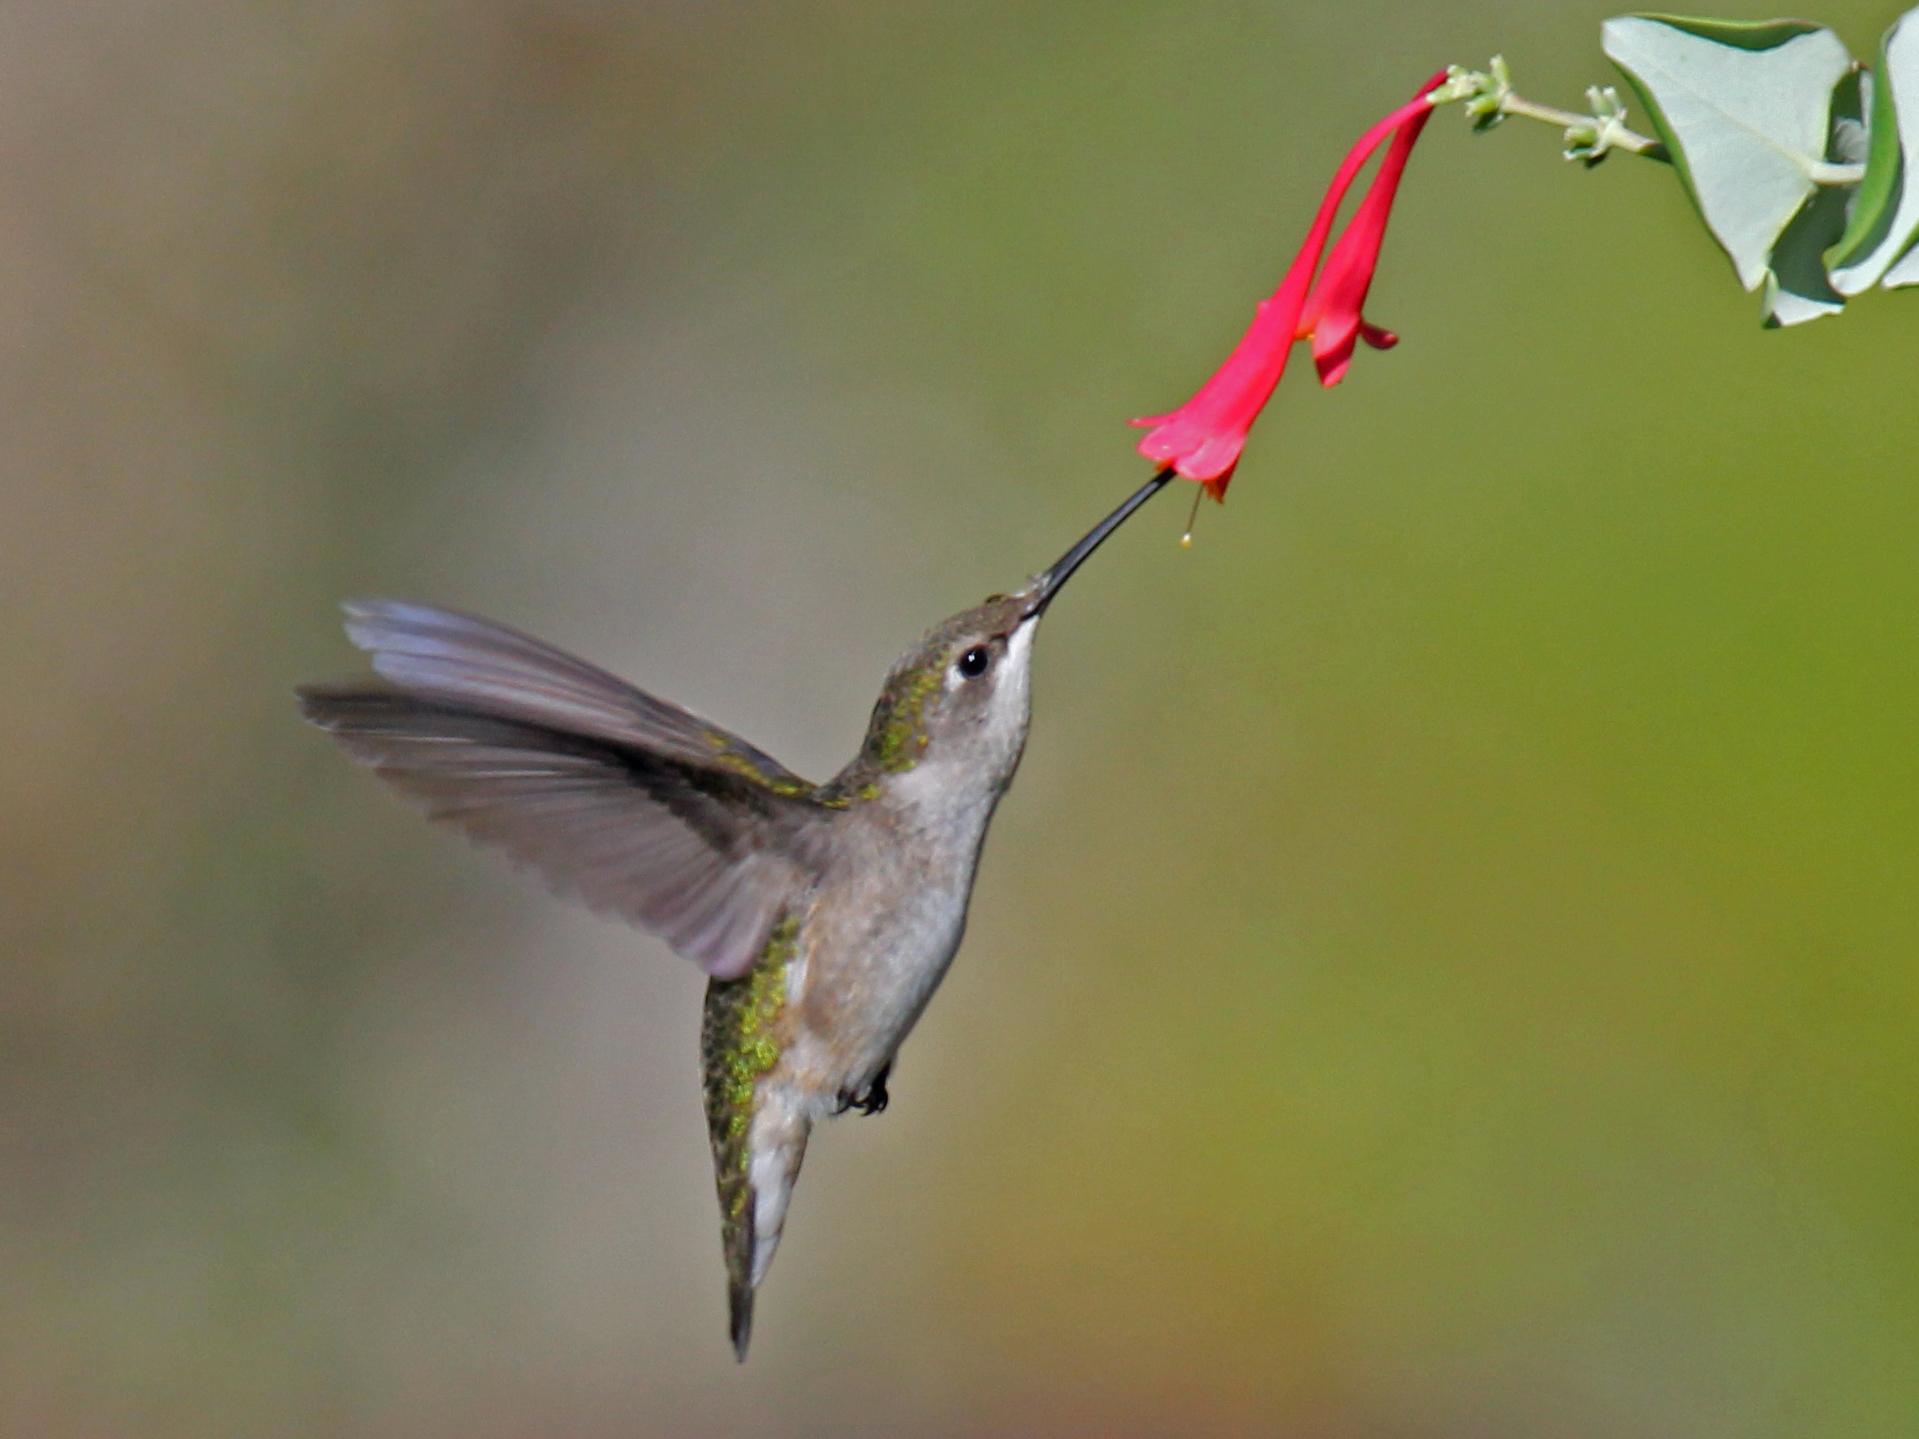 Dick Daniels (http://carolinabirds.org/)